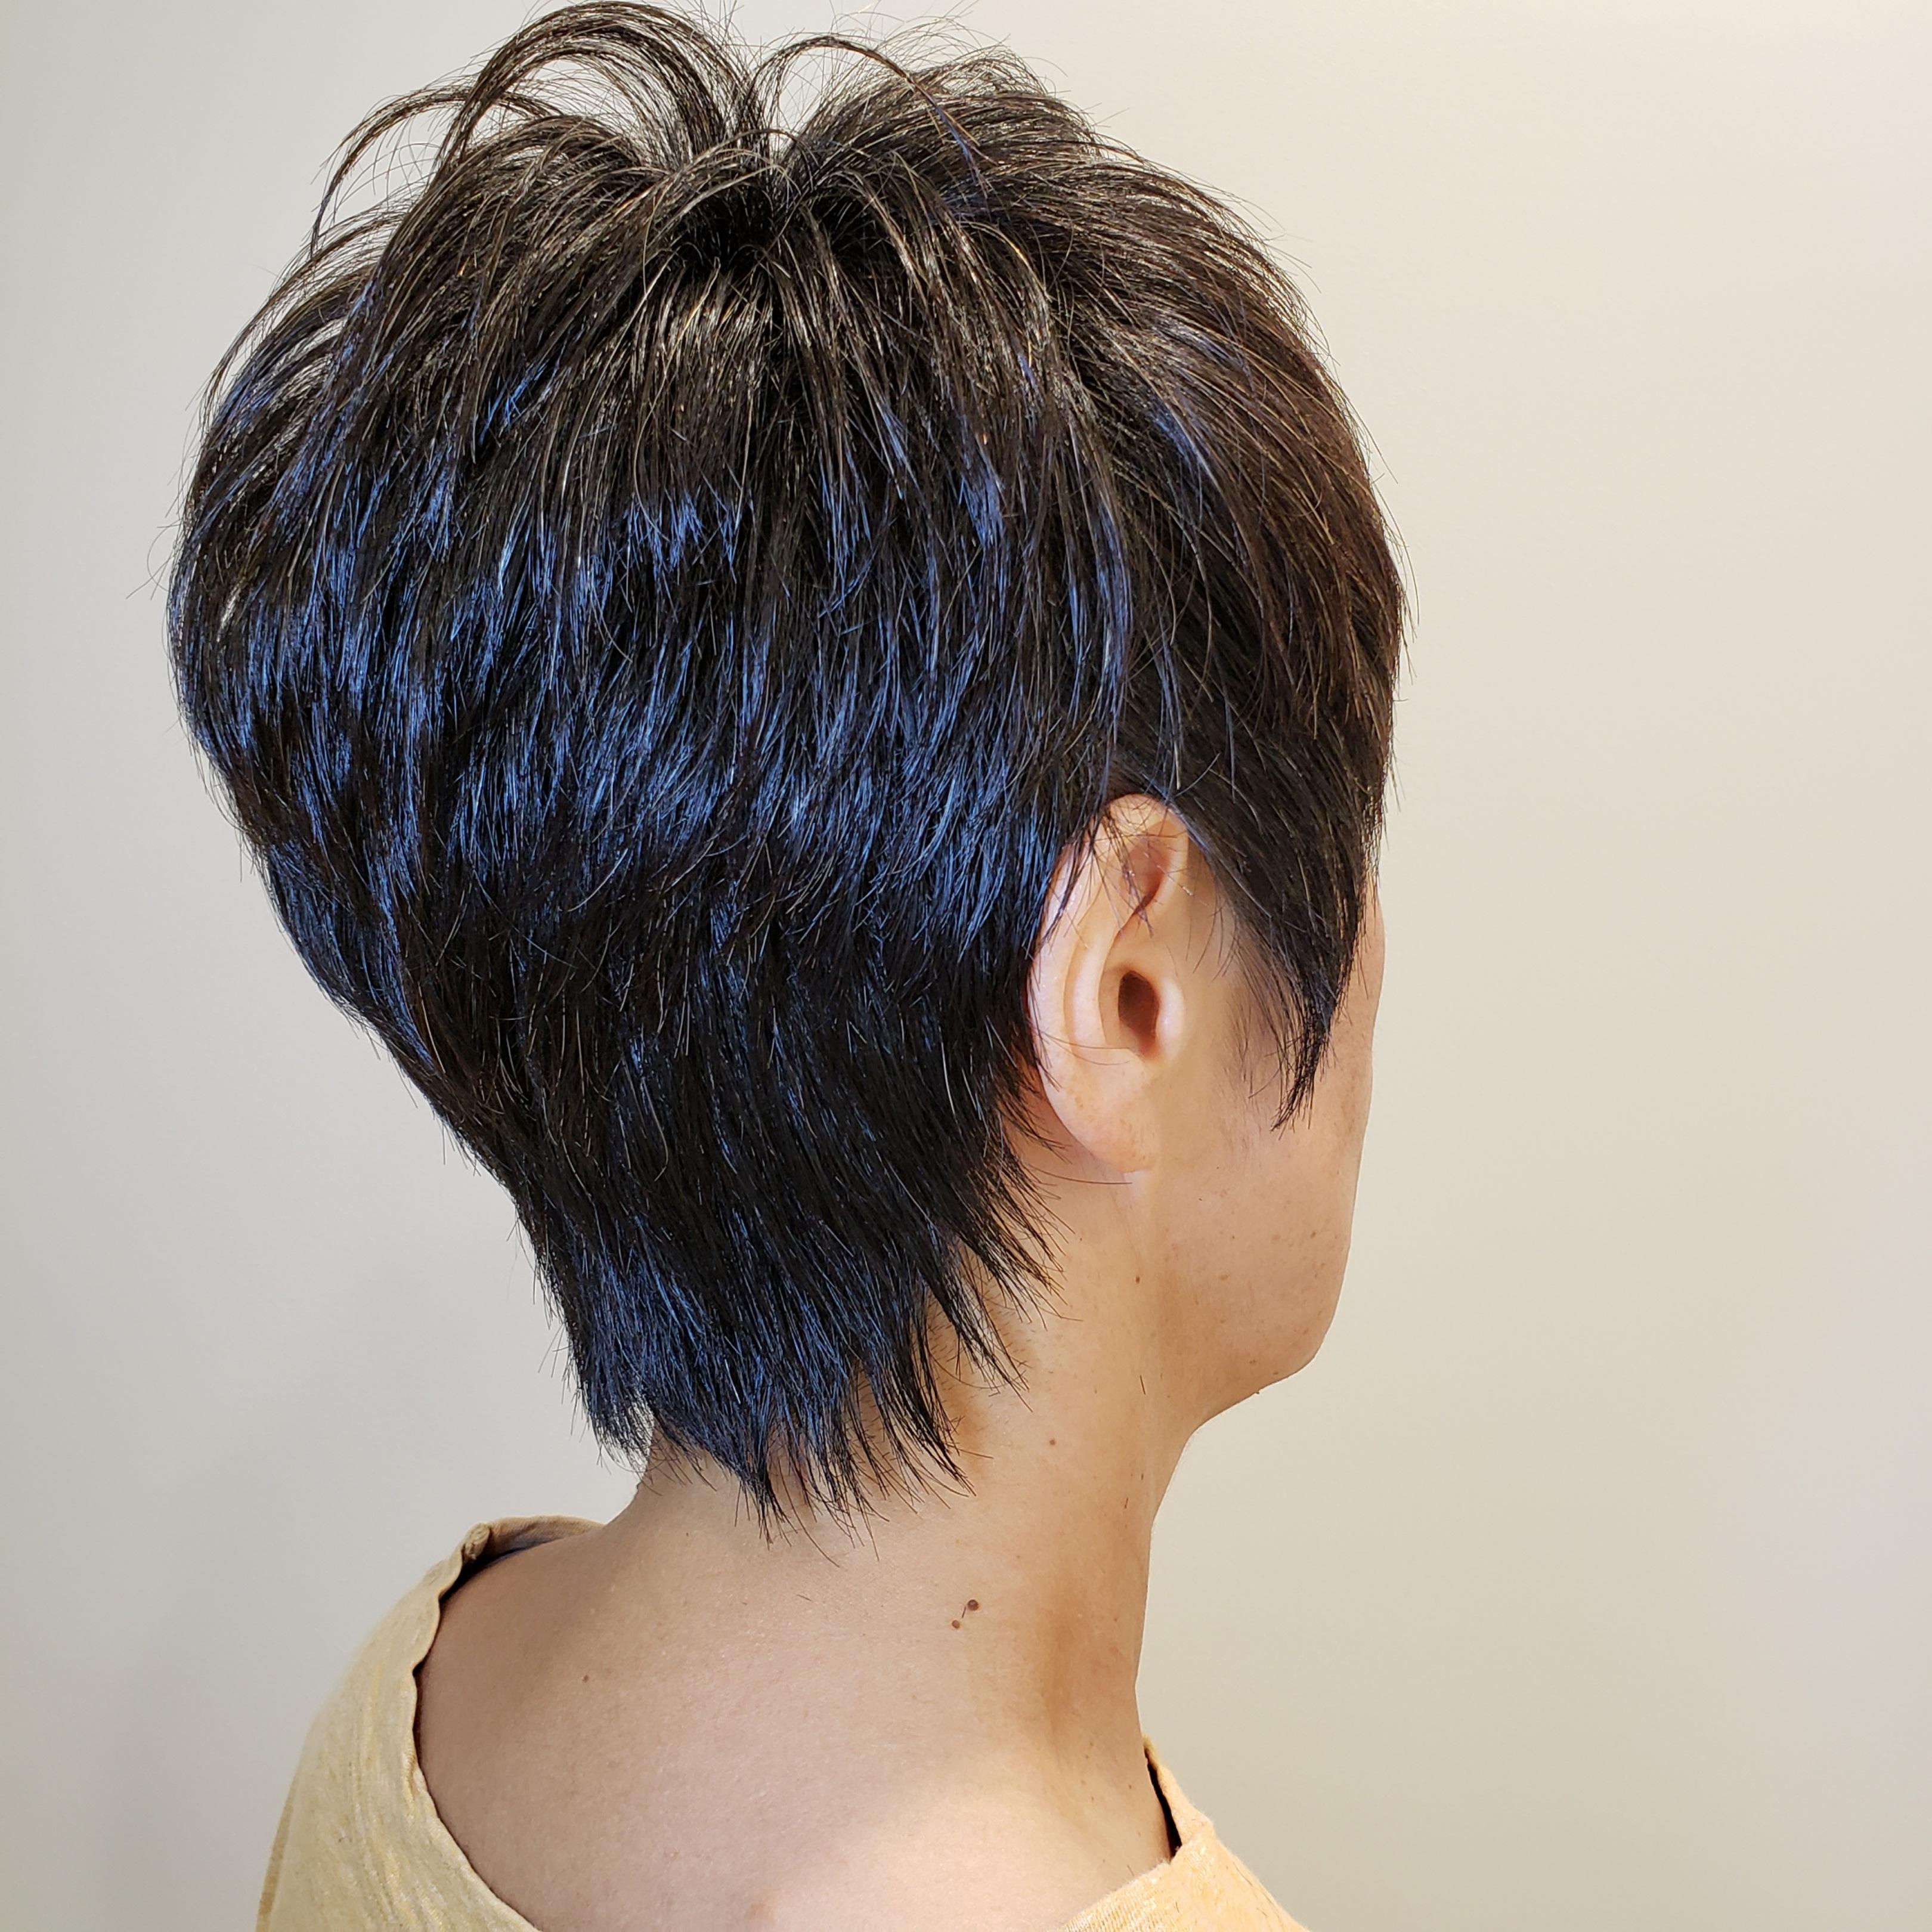 【細く見える髪型】首が細く見える髪型にするには?